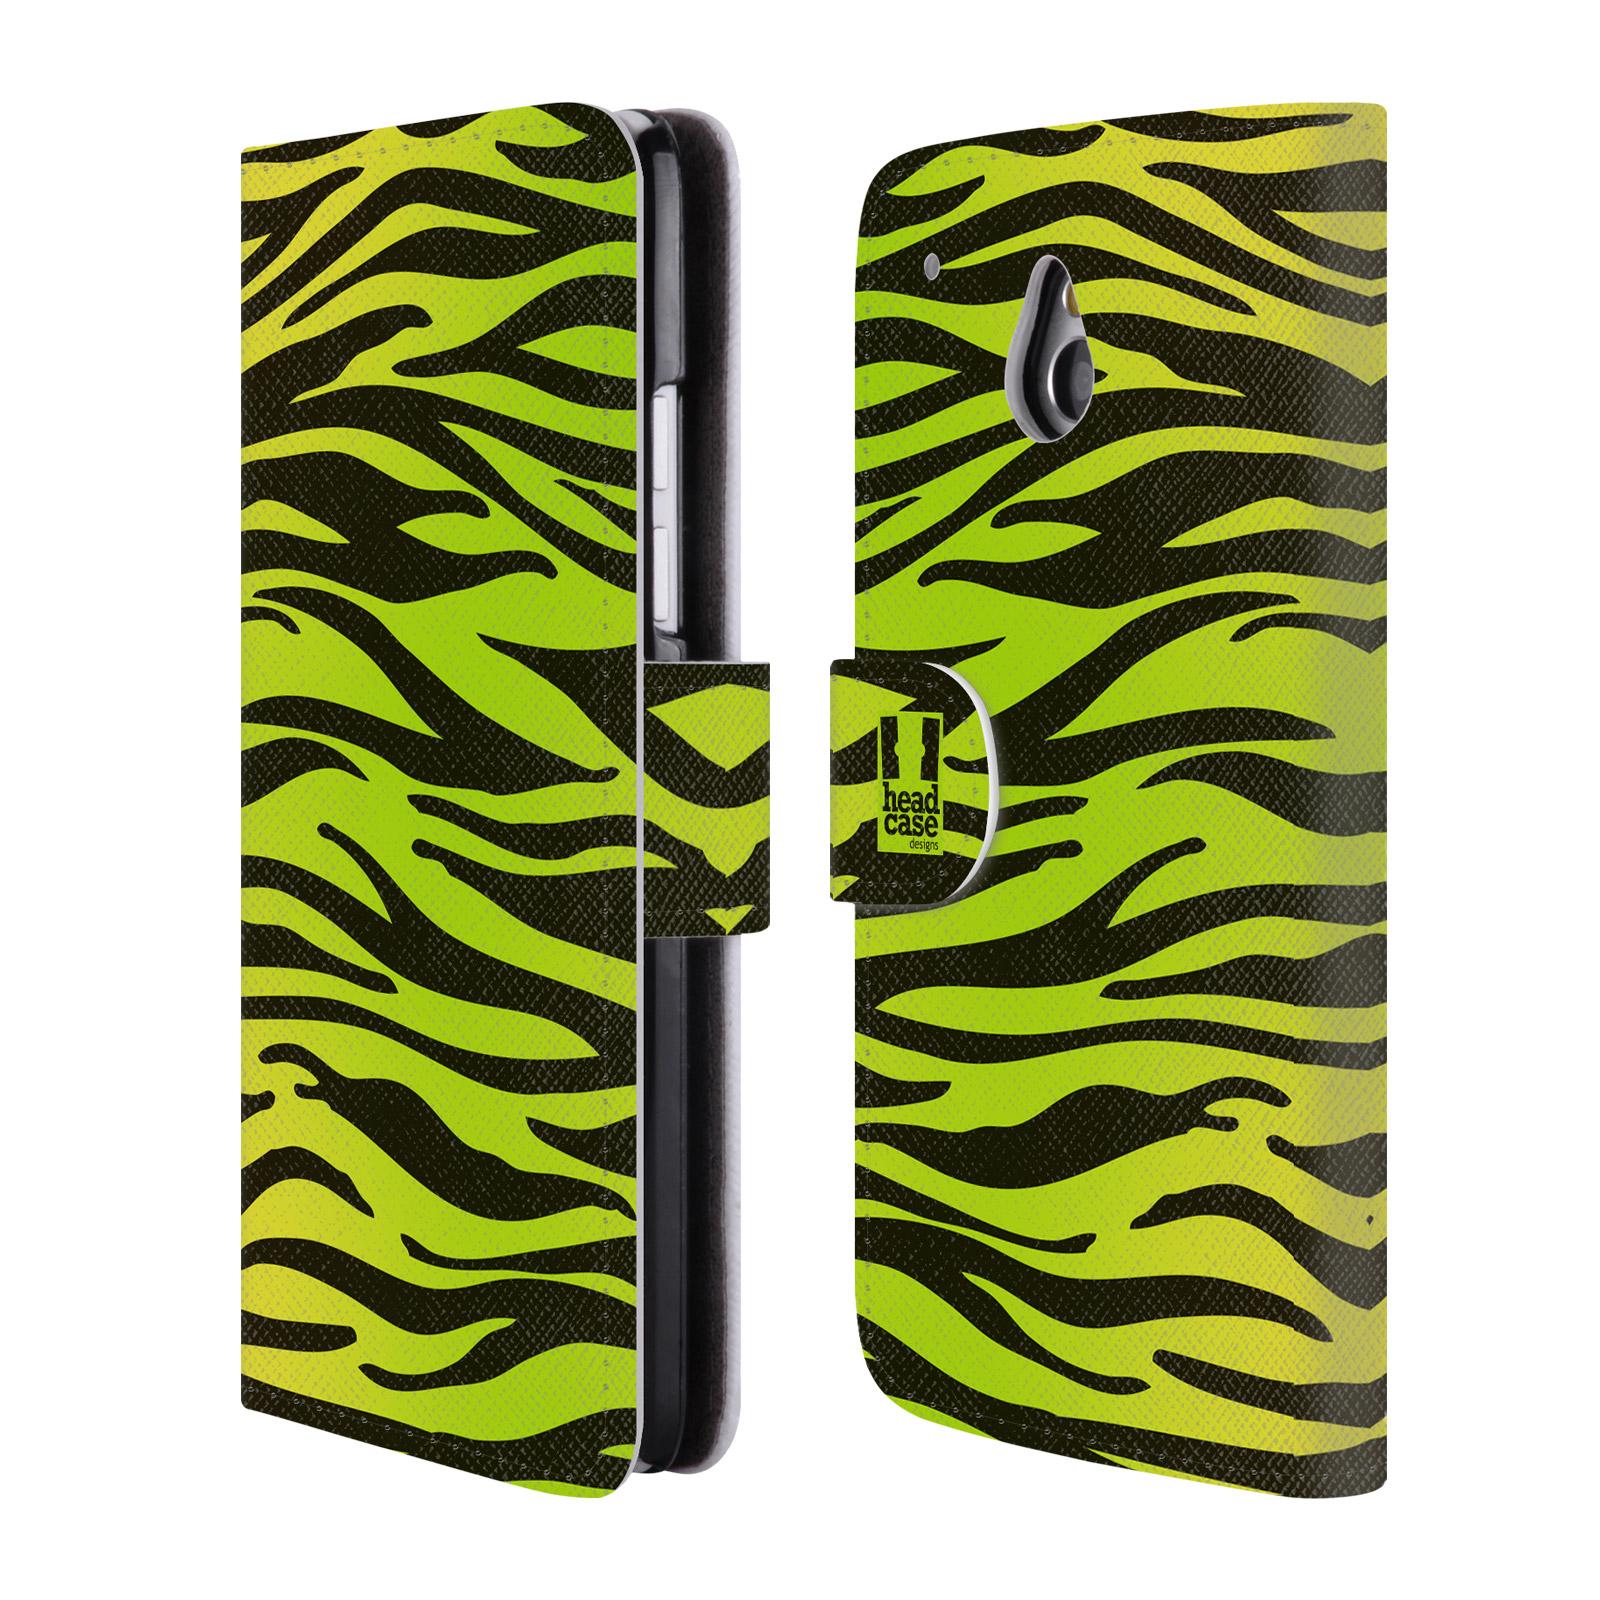 HEAD CASE Flipové pouzdro pro mobil HTC ONE MINI (M4) Zvířecí barevné vzory žlutozelená zebra